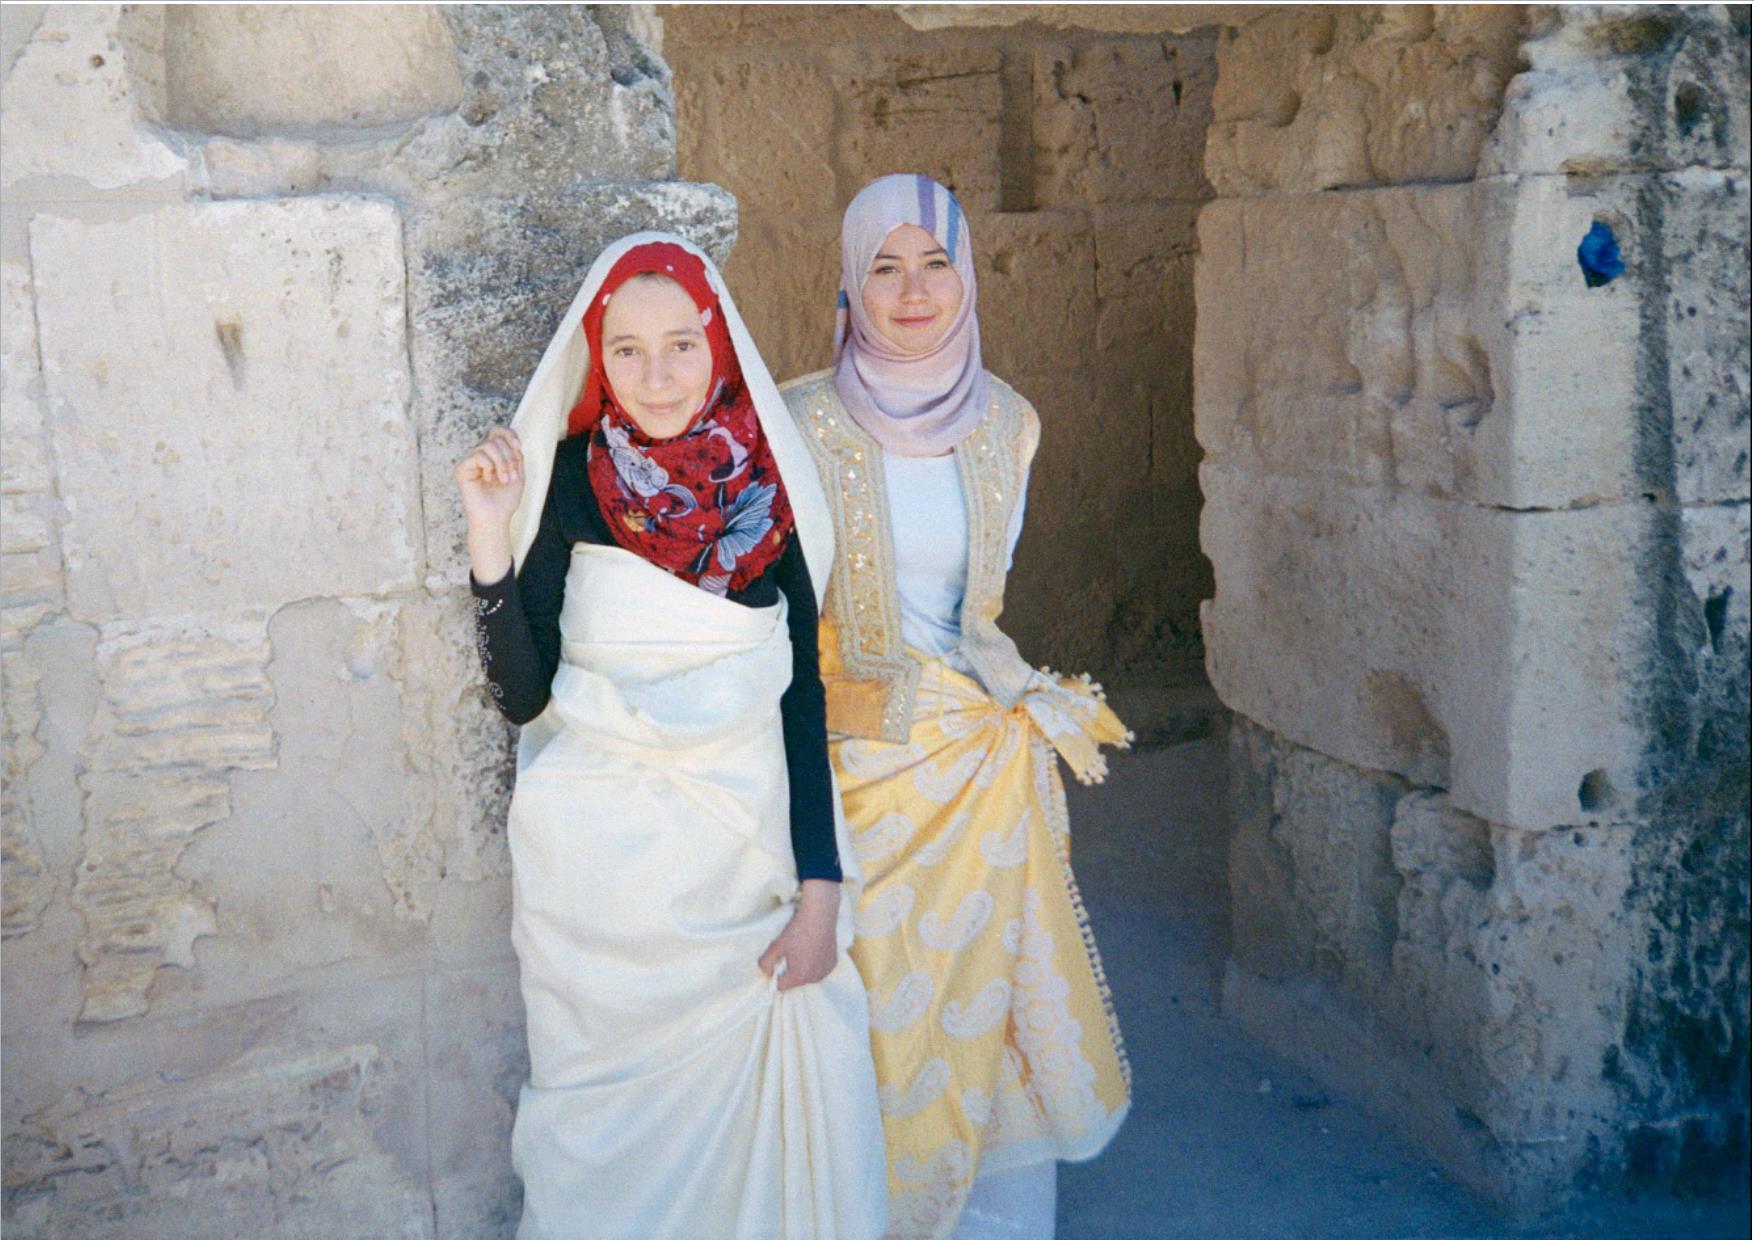 Výstava: Tunisko očima studentů Katedry fotografie FAMU